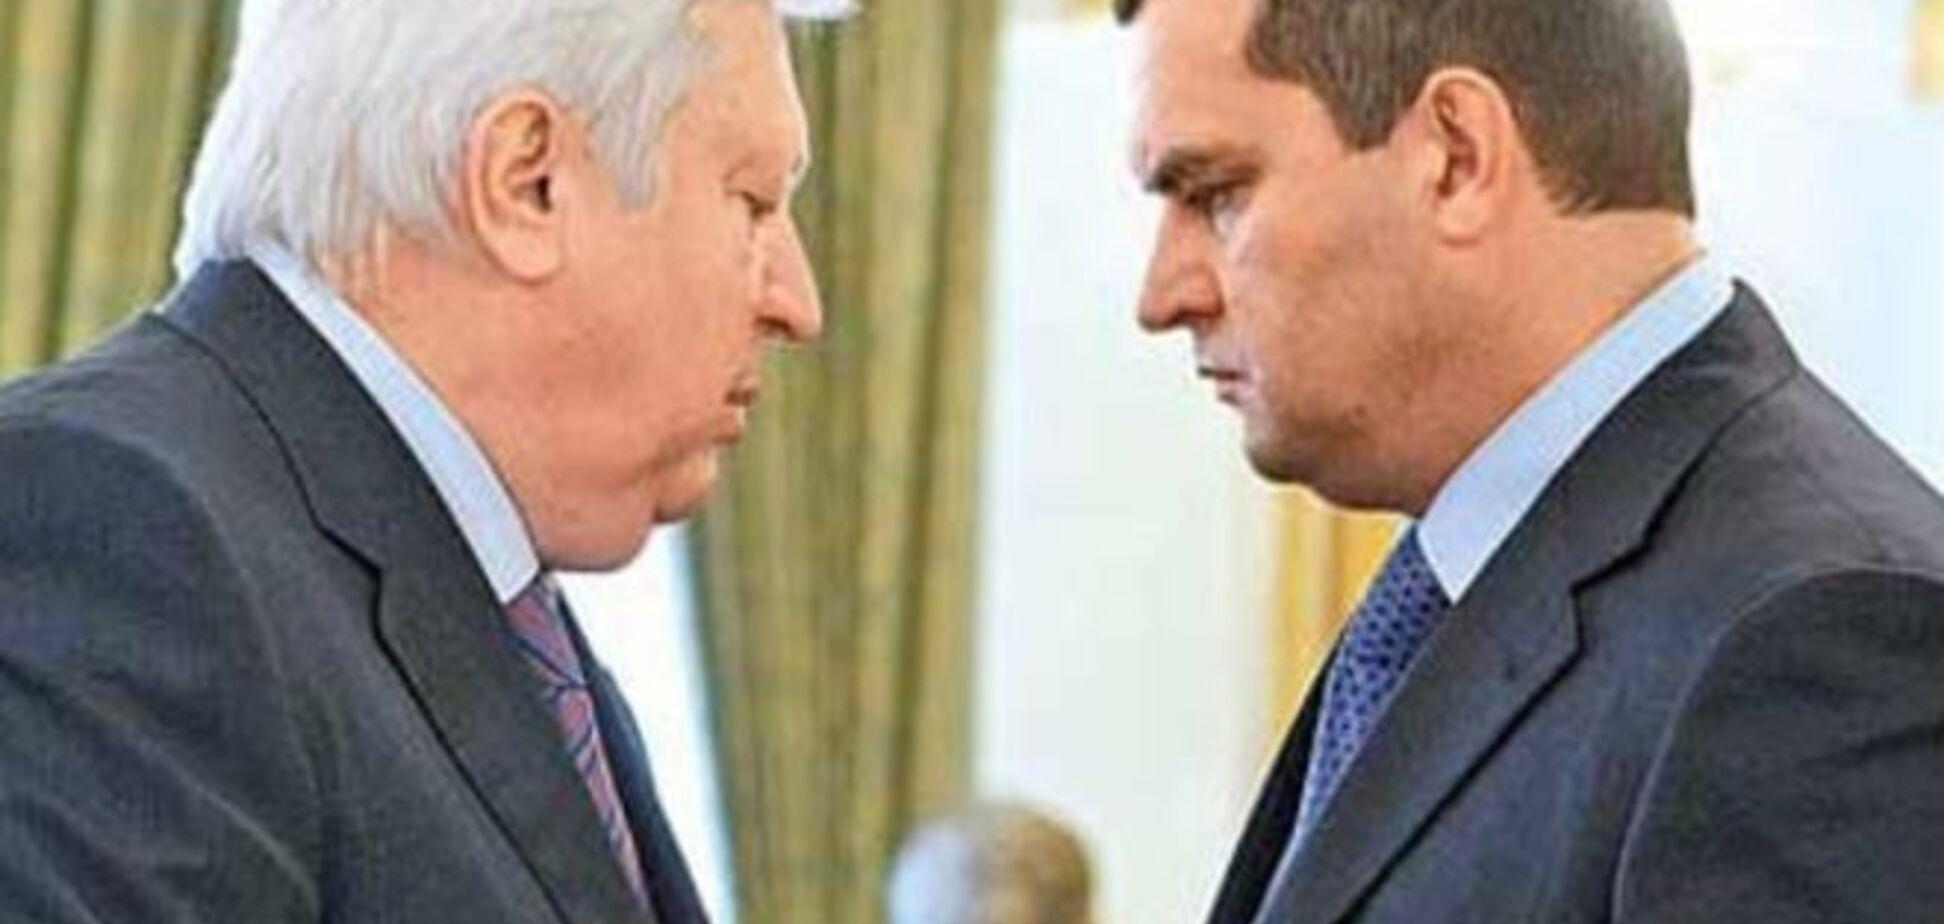 Интерпол отказался объявлять Пшонку и Захарченко в международный розыск